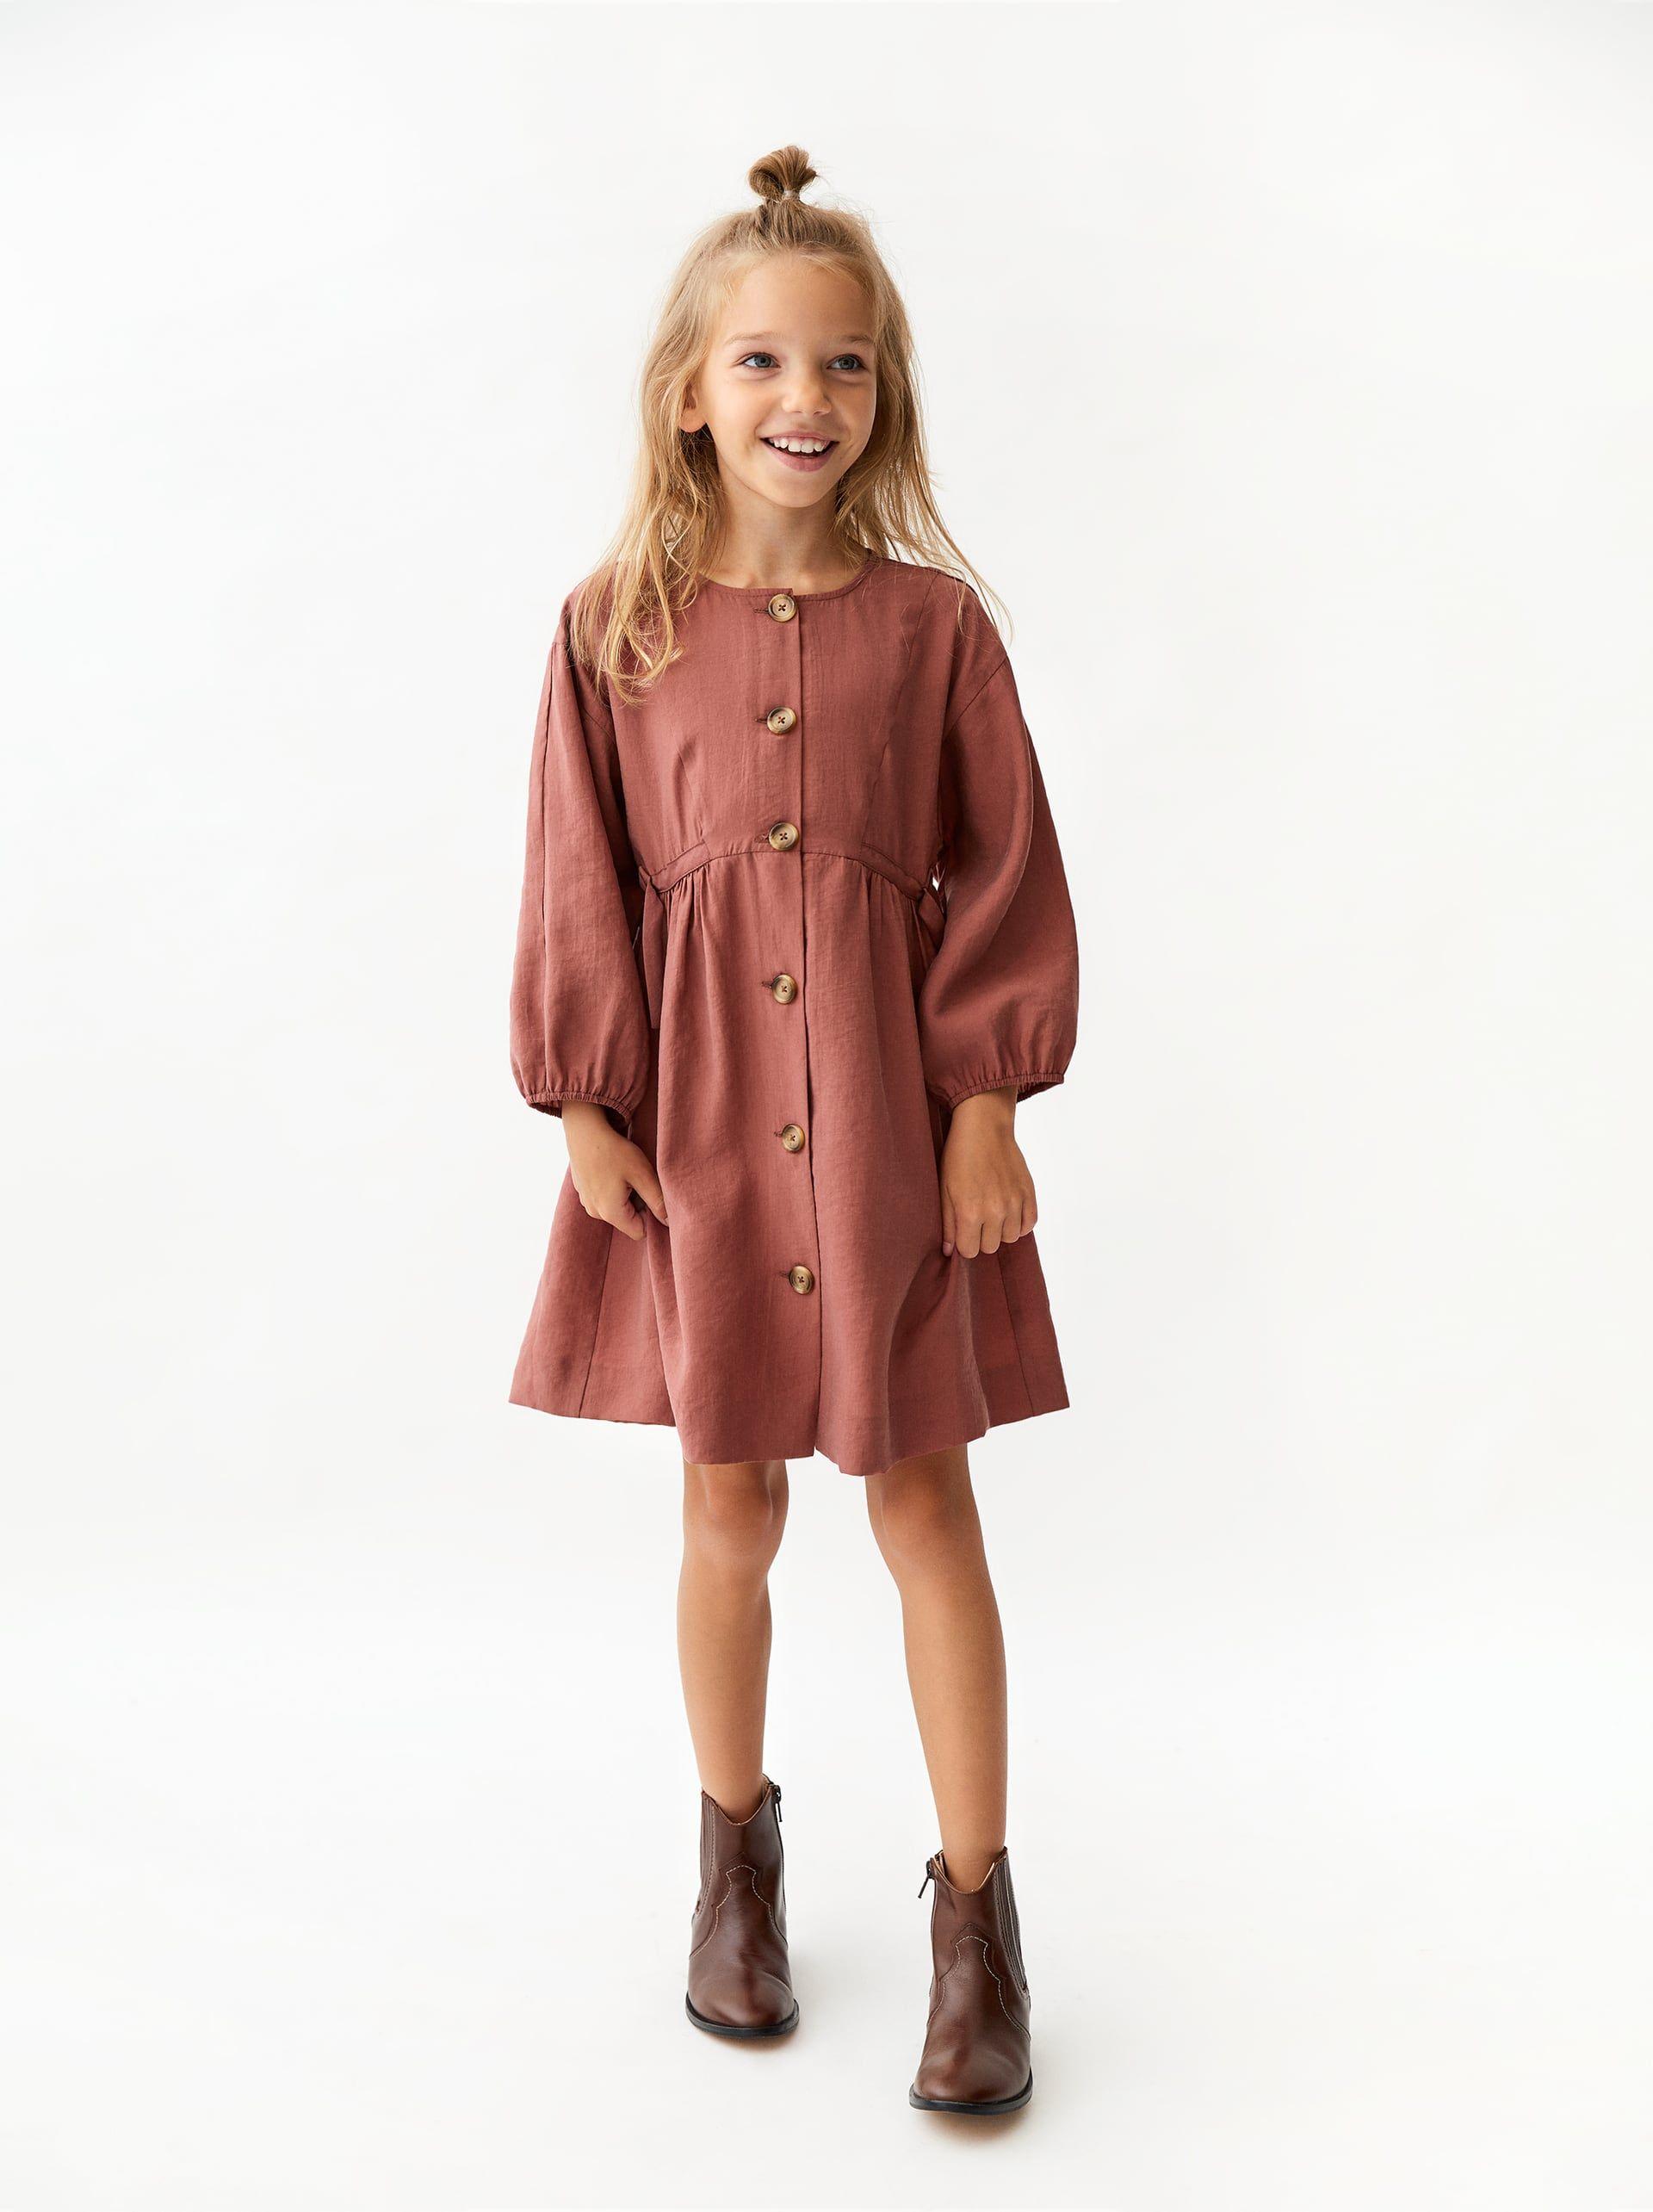 Zara Kids Shirt Dress With Buttons Madchen Kleidung Kindermode Kleider Mode Outfits